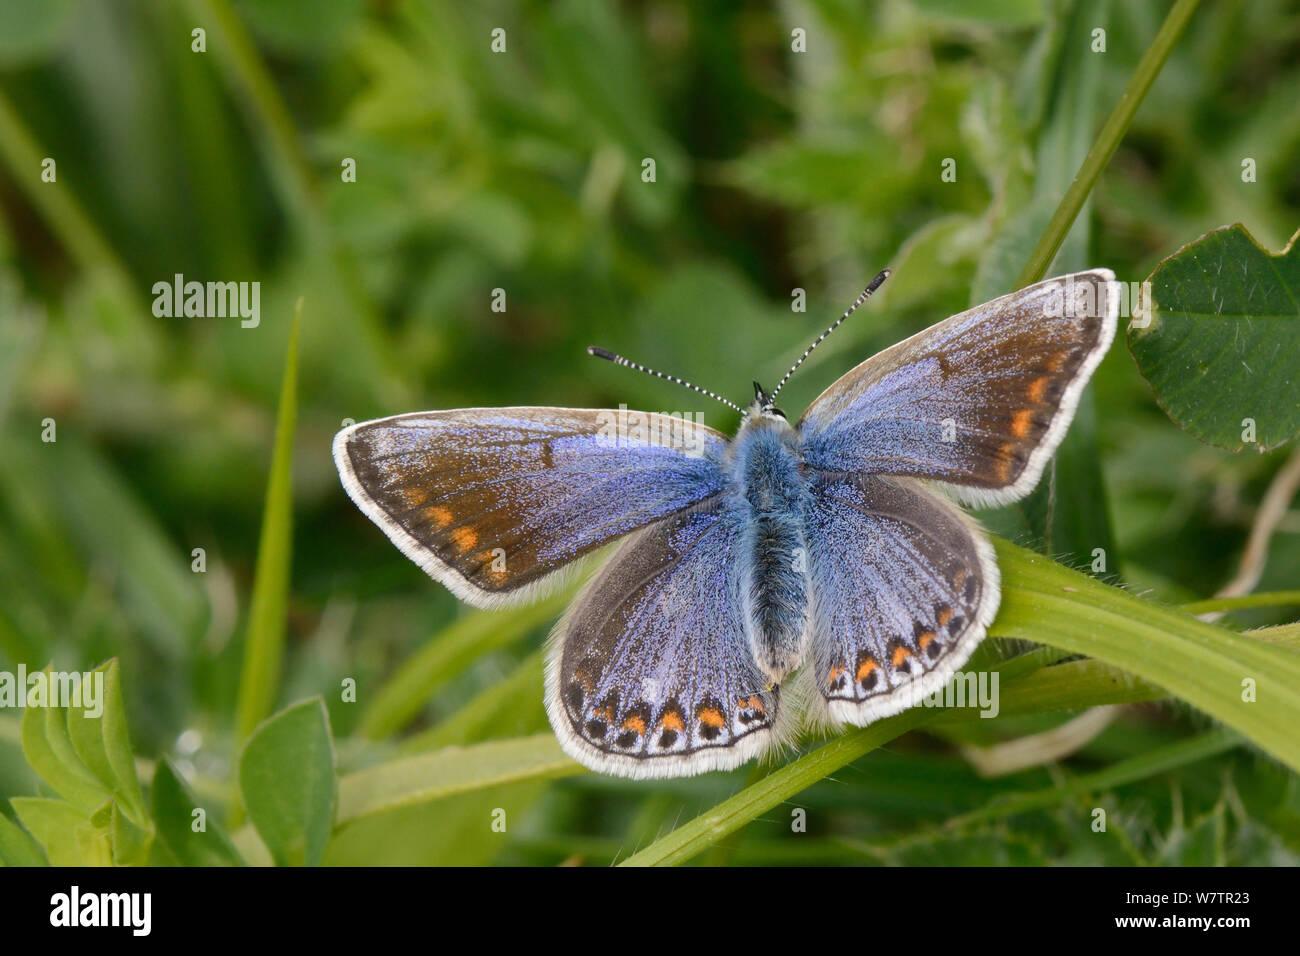 Hembra mariposa azul común (Polyommatus icarus) del sol en una hoja de hierba en una pradera pradera, Wiltshire, Reino Unido, junio. Foto de stock